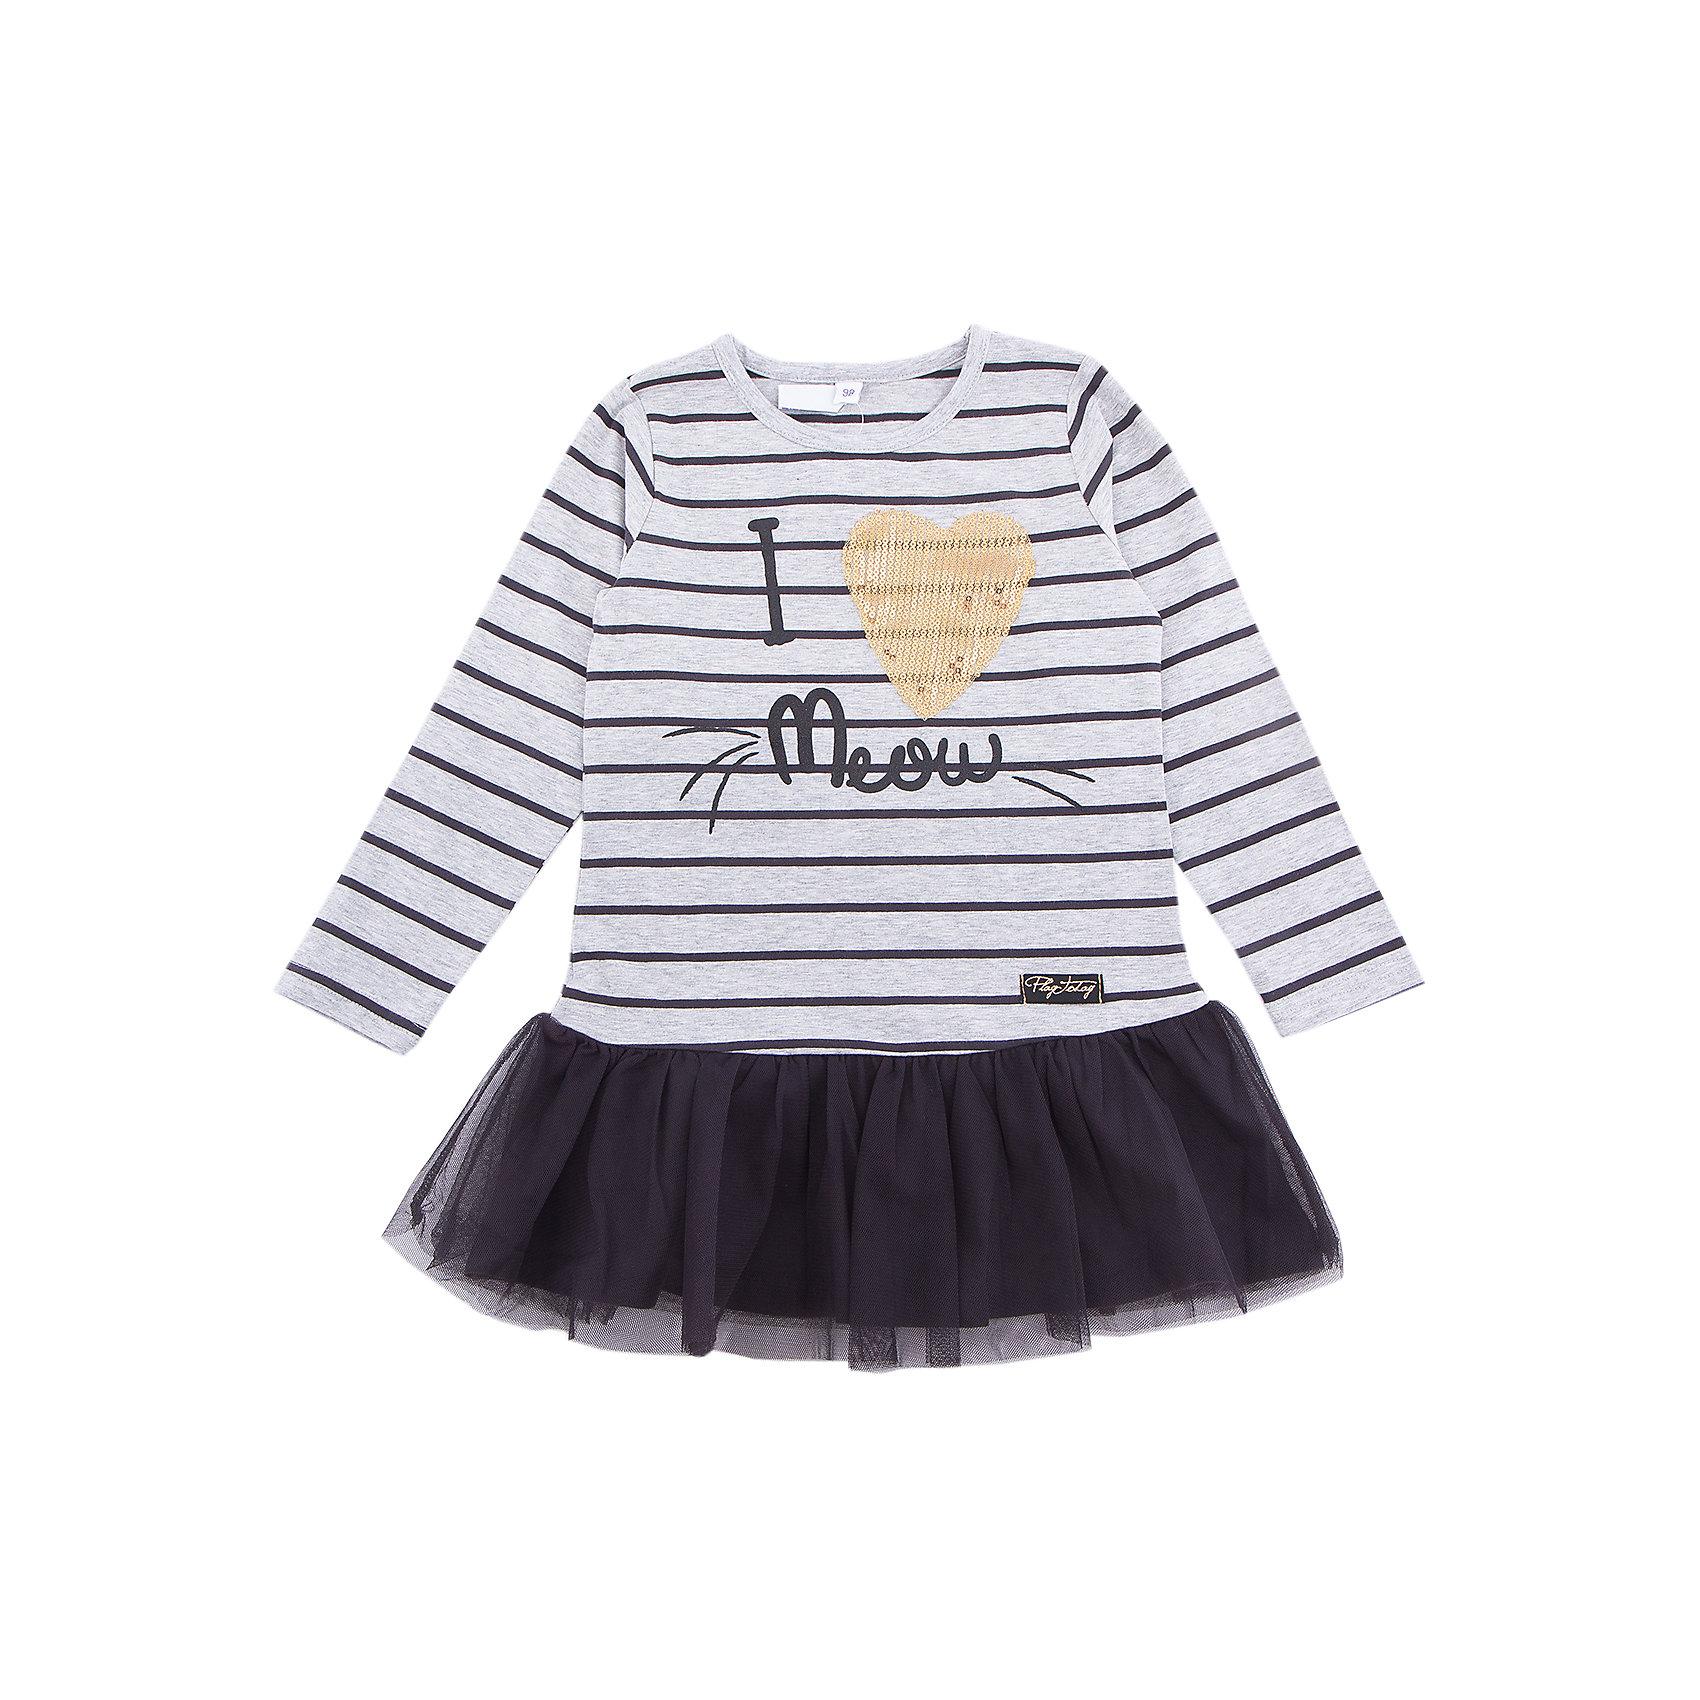 Платье PlayToday для девочкиПлатья и сарафаны<br>Платье PlayToday для девочки<br>Платье свободного кроя дополнит повседневный гардероб ребенка. Модель с округлым вырезом. Выполнена в технике yarn dyed- в процессе производства используются разного цвета нити. При рекомендуемом уходе изделие не линяет и надолго остается в первоначальном виде. Модель дополнена аппликацией из пайеток. Верхняя часть юбки декорирована сетчатой тканью.<br>Состав:<br>95% хлопок, 5% эластан<br><br>Ширина мм: 236<br>Глубина мм: 16<br>Высота мм: 184<br>Вес г: 177<br>Цвет: белый<br>Возраст от месяцев: 84<br>Возраст до месяцев: 96<br>Пол: Женский<br>Возраст: Детский<br>Размер: 128,98,104,110,116,122<br>SKU: 7115202